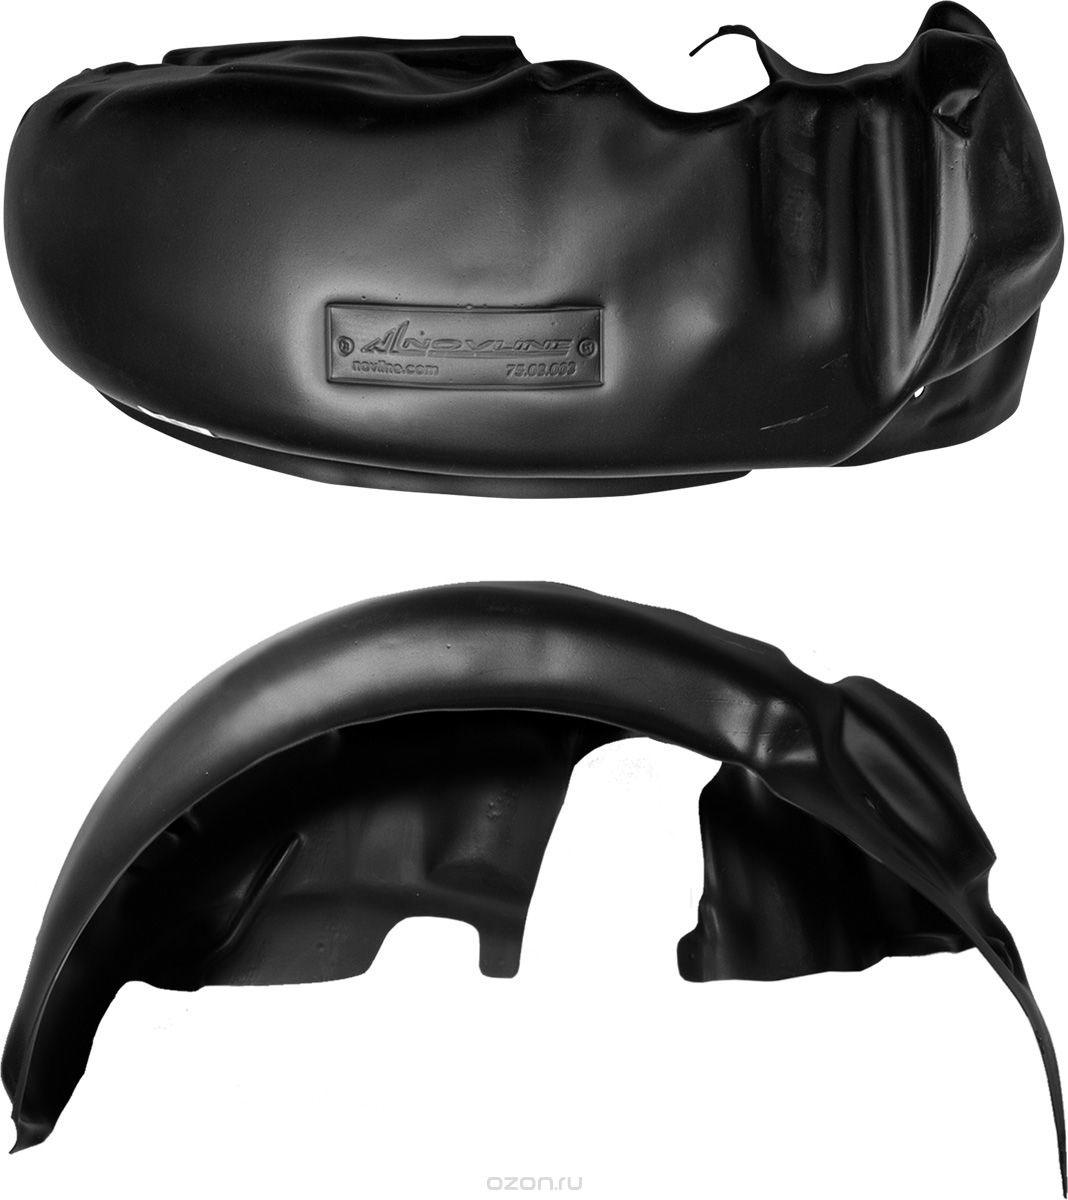 Подкрылок Novline-Autofamily, для CHERY Tiggo 5 FL, 2016->, кроссовер, задний левыйNLL.63.17.003Идеальная защита колесной ниши. Локеры разработаны с применением цифровых технологий, гарантируют максимальную повторяемость поверхности арки. Изделия устанавливаются без нарушения лакокрасочного покрытия автомобиля, каждый подкрылок комплектуется крепежом. Уважаемые клиенты, обращаем ваше внимание, что фотографии на подкрылки универсальные и не отражают реальную форму изделия. При этом само изделие идет точно под размер указанного автомобиля.